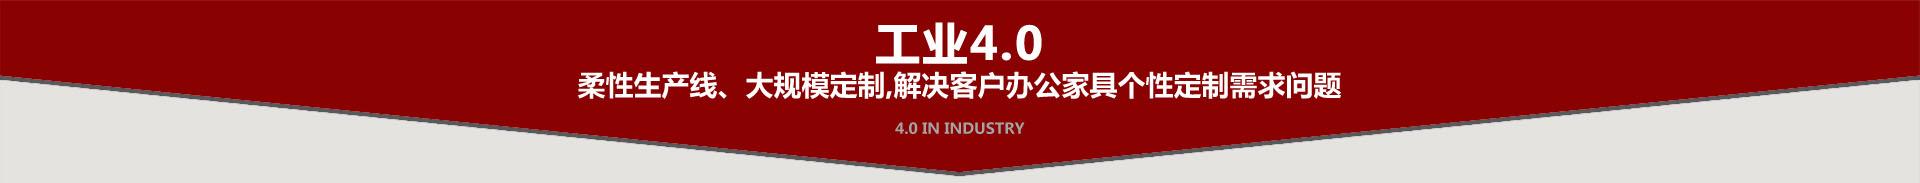 亚博app地址盛大工业4.0柔性生产线大规模亚博足彩app苹果版亚博体育苹果官方下载定制需求问题